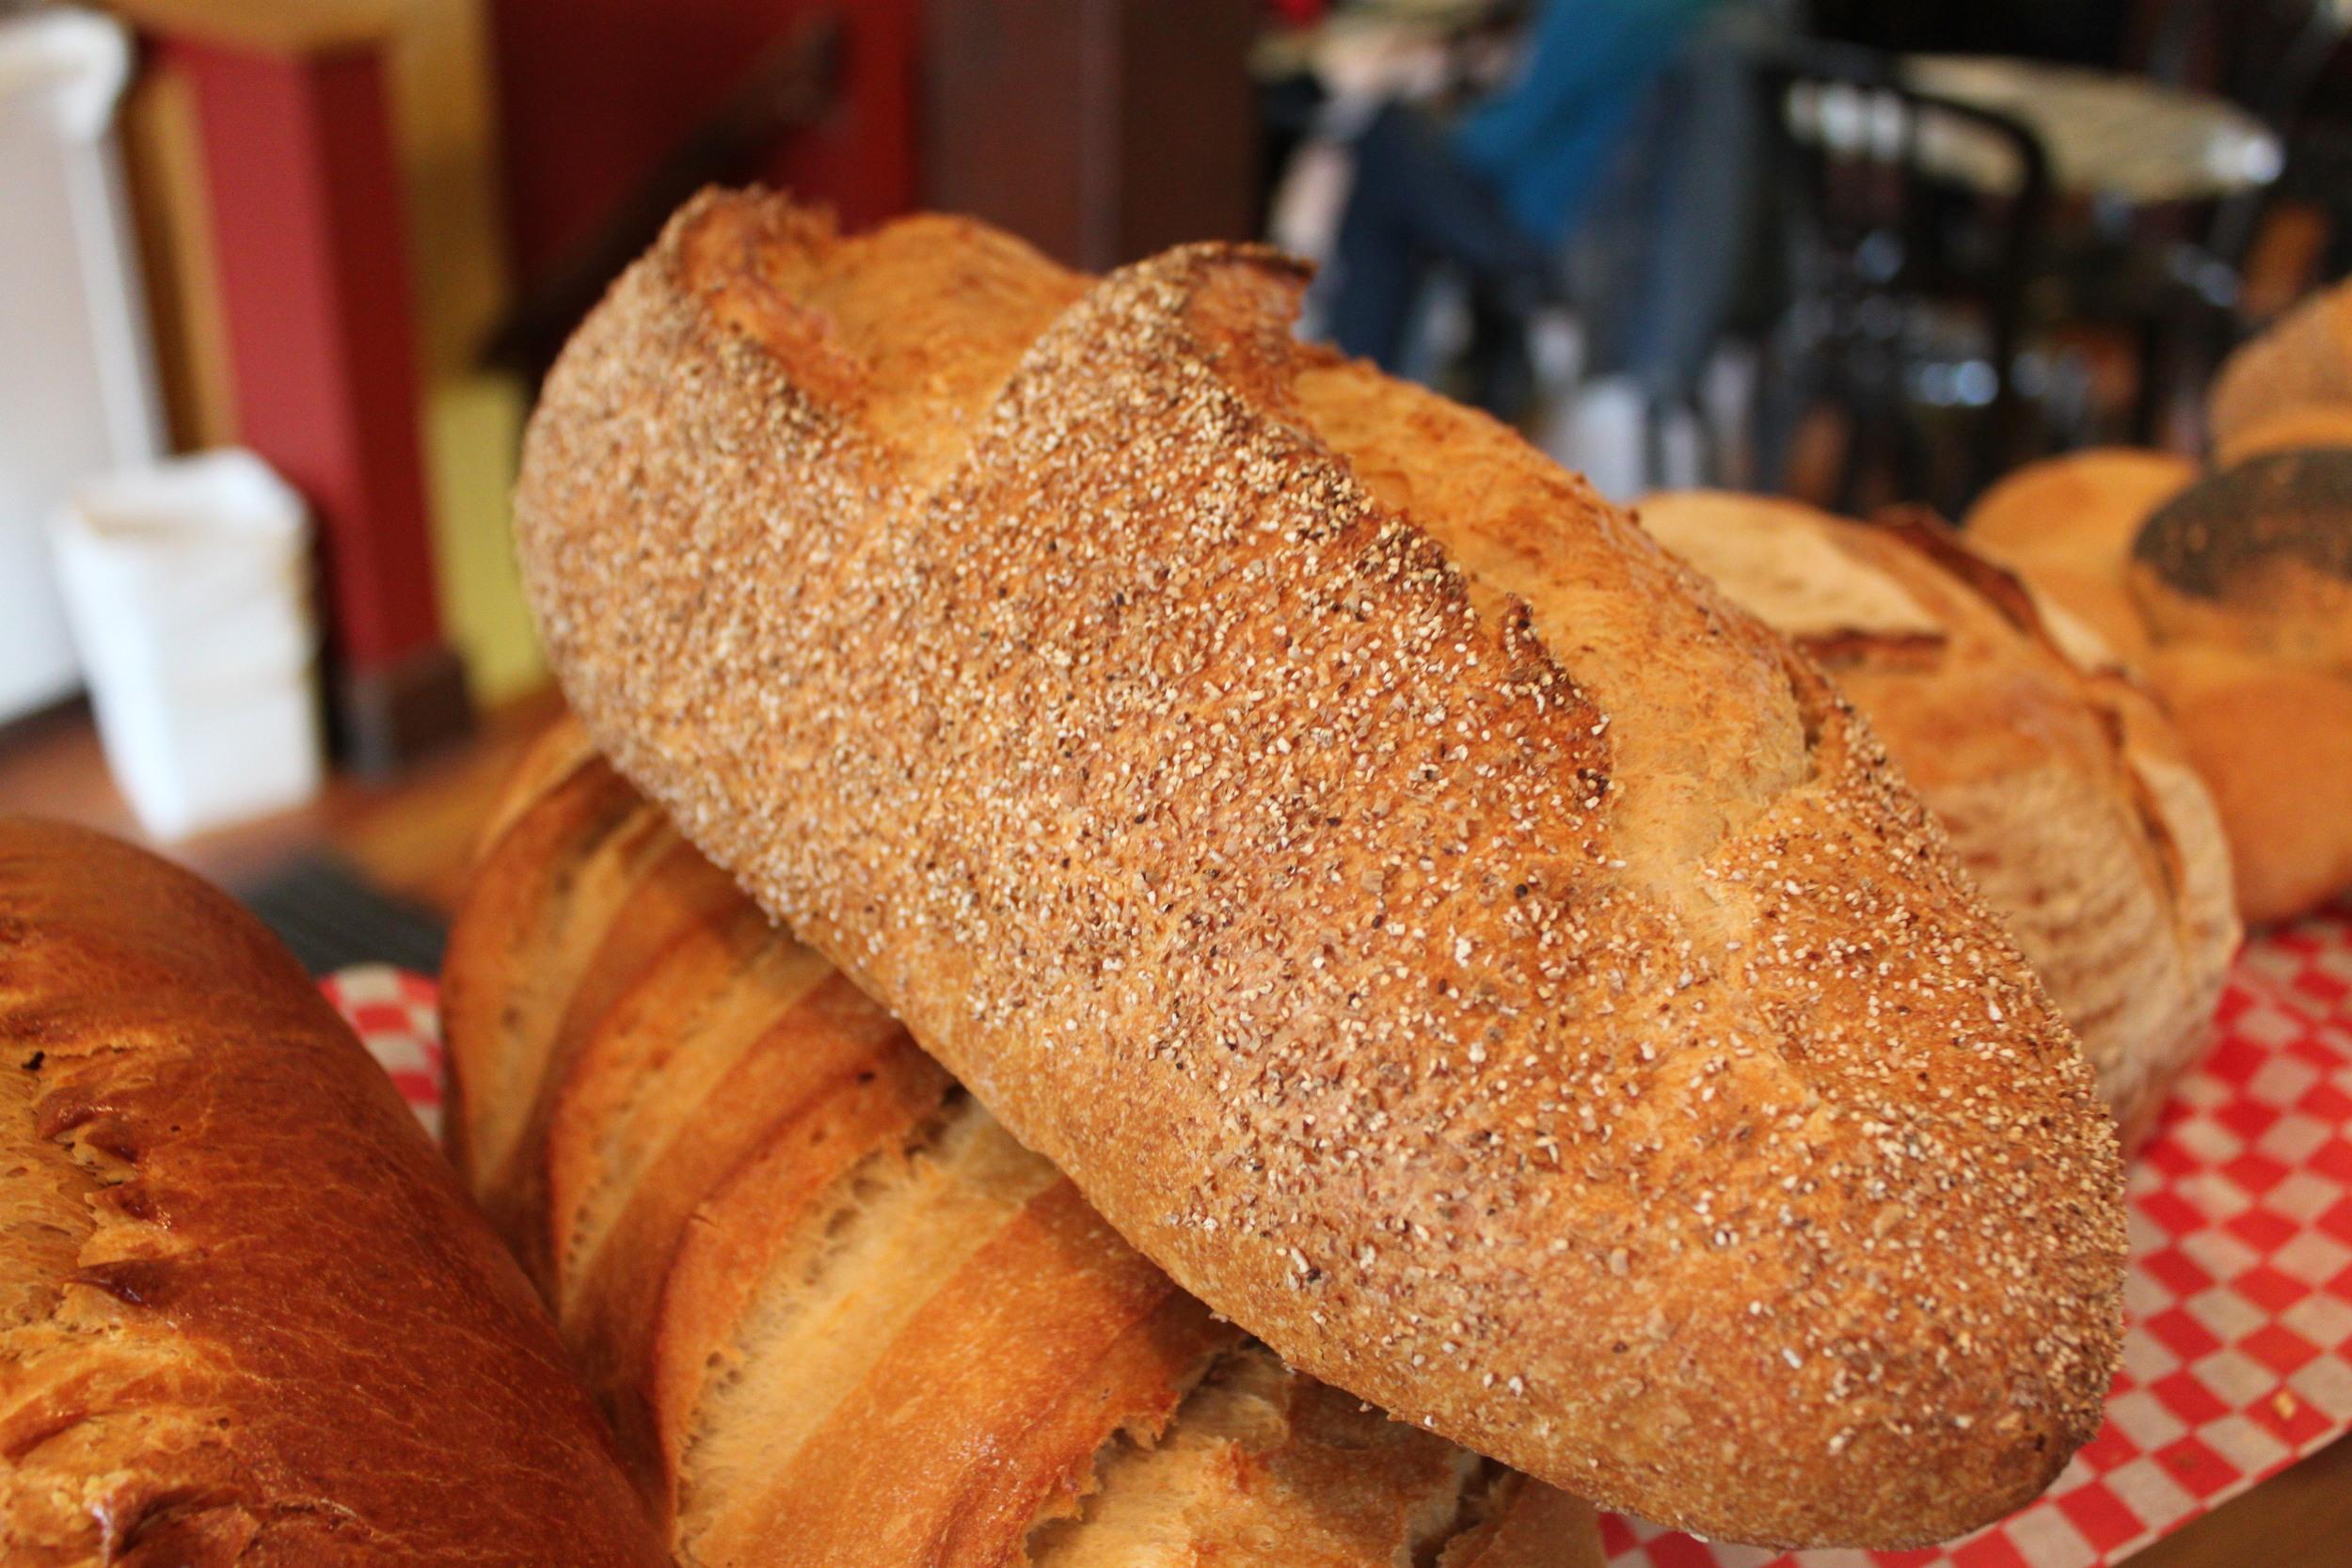 Levain, Large: Unbleached white flour, whole-wheat flour, water, natural sourdough, sea salt.